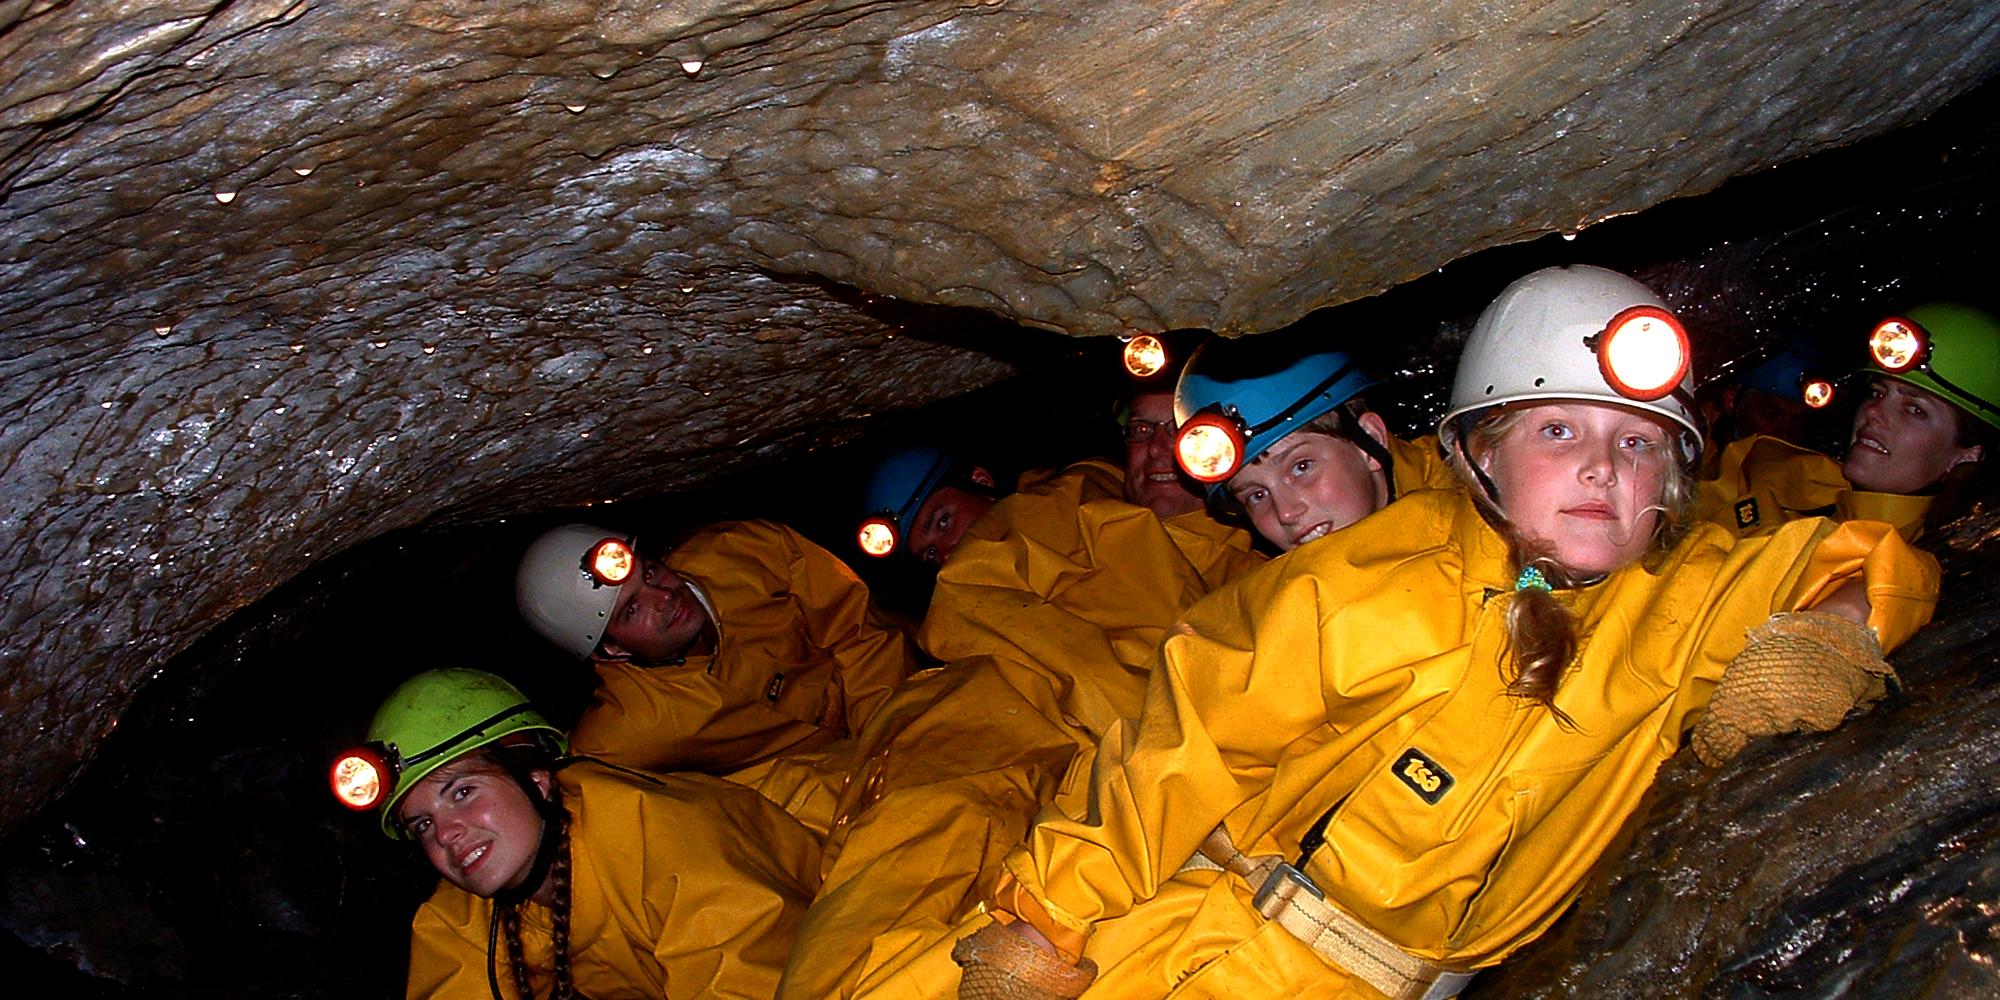 Mokk gård - grottevandring. Copyright: Mokk gård